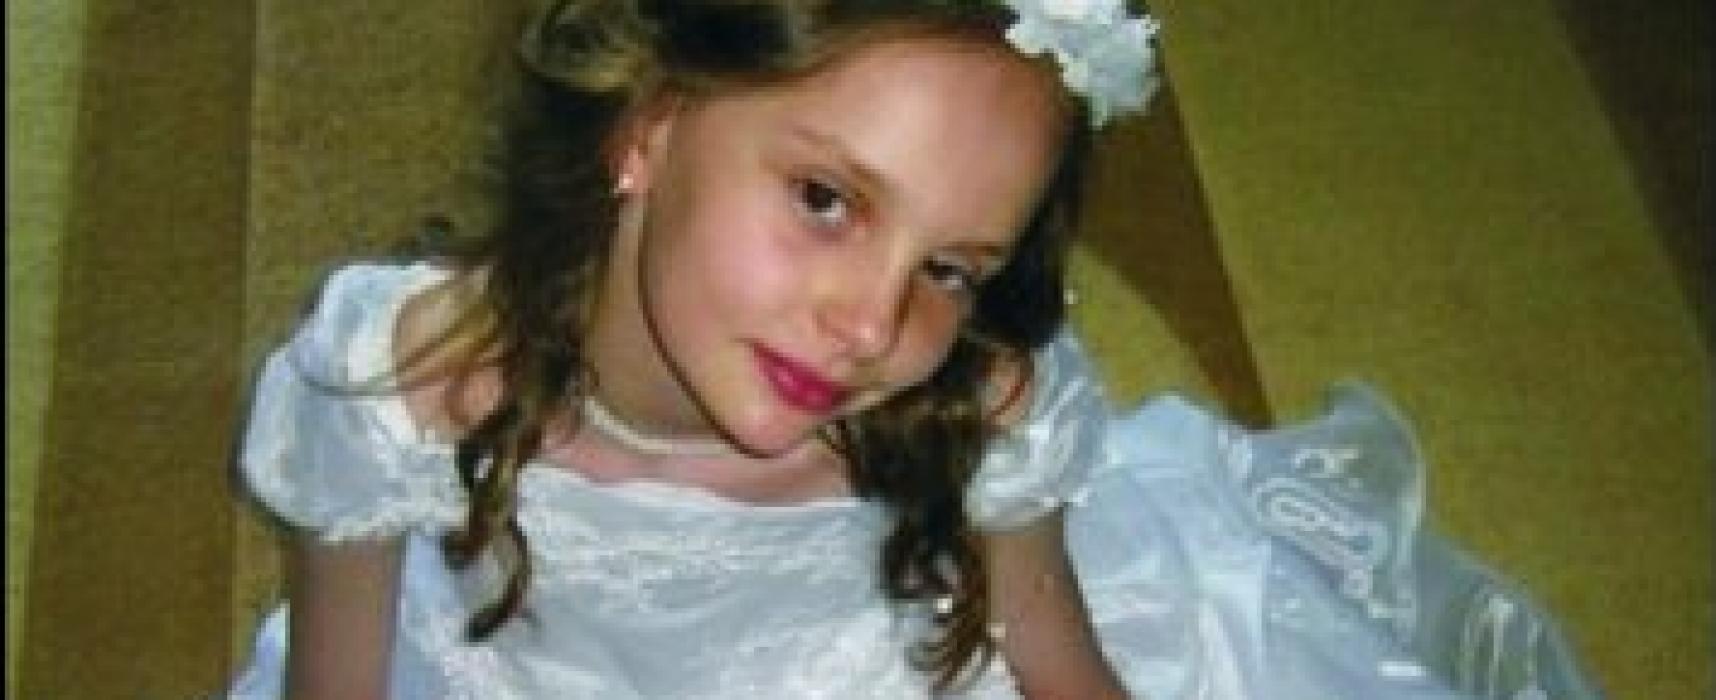 Очередное старое фото погибшего ребенка выдают за события в Славянске